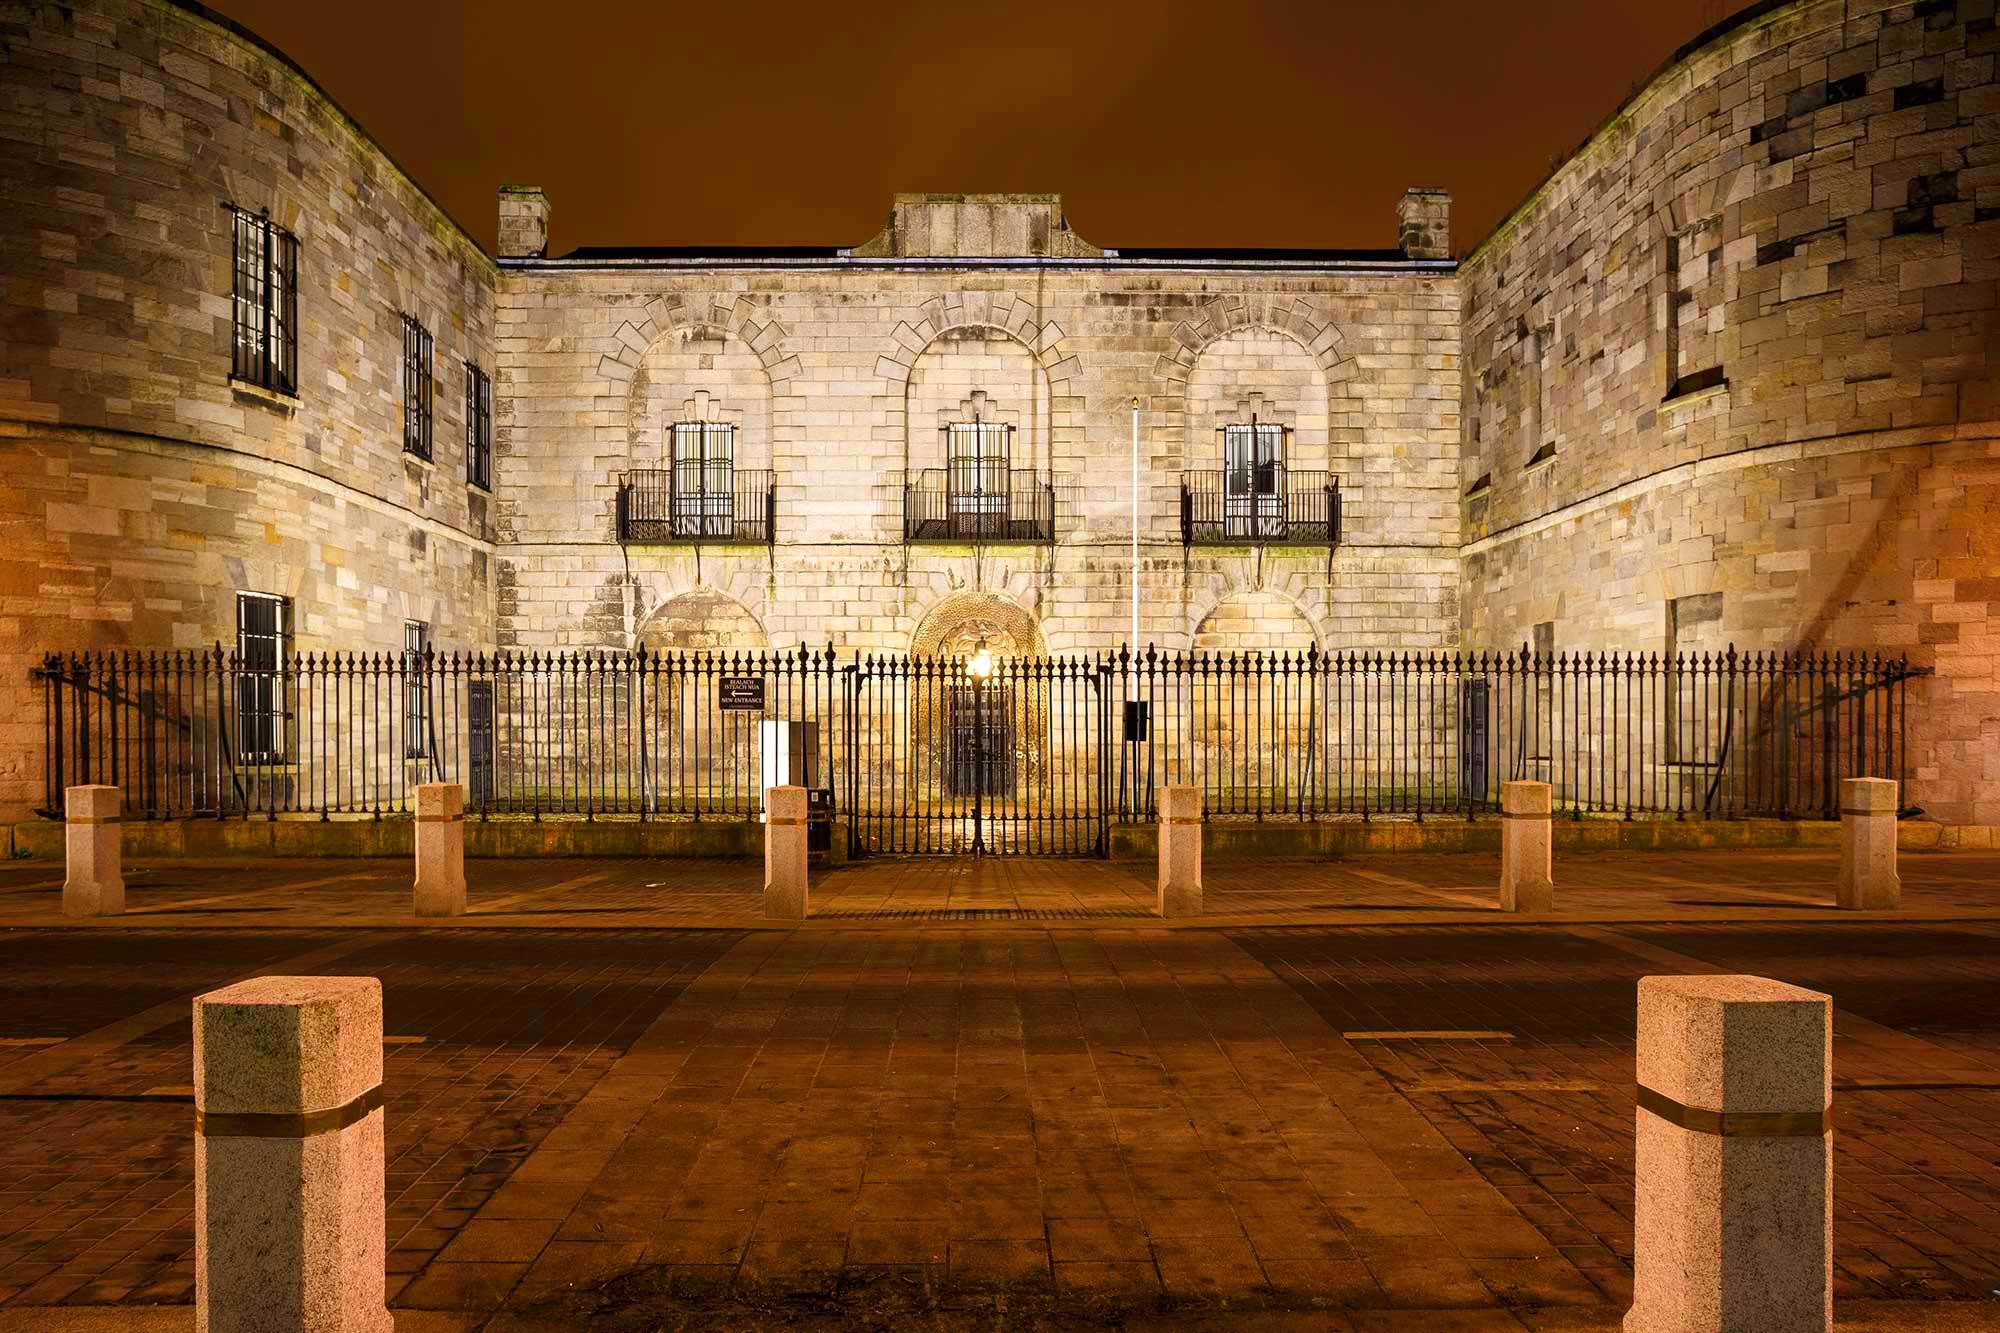 Kilmainham Dublin